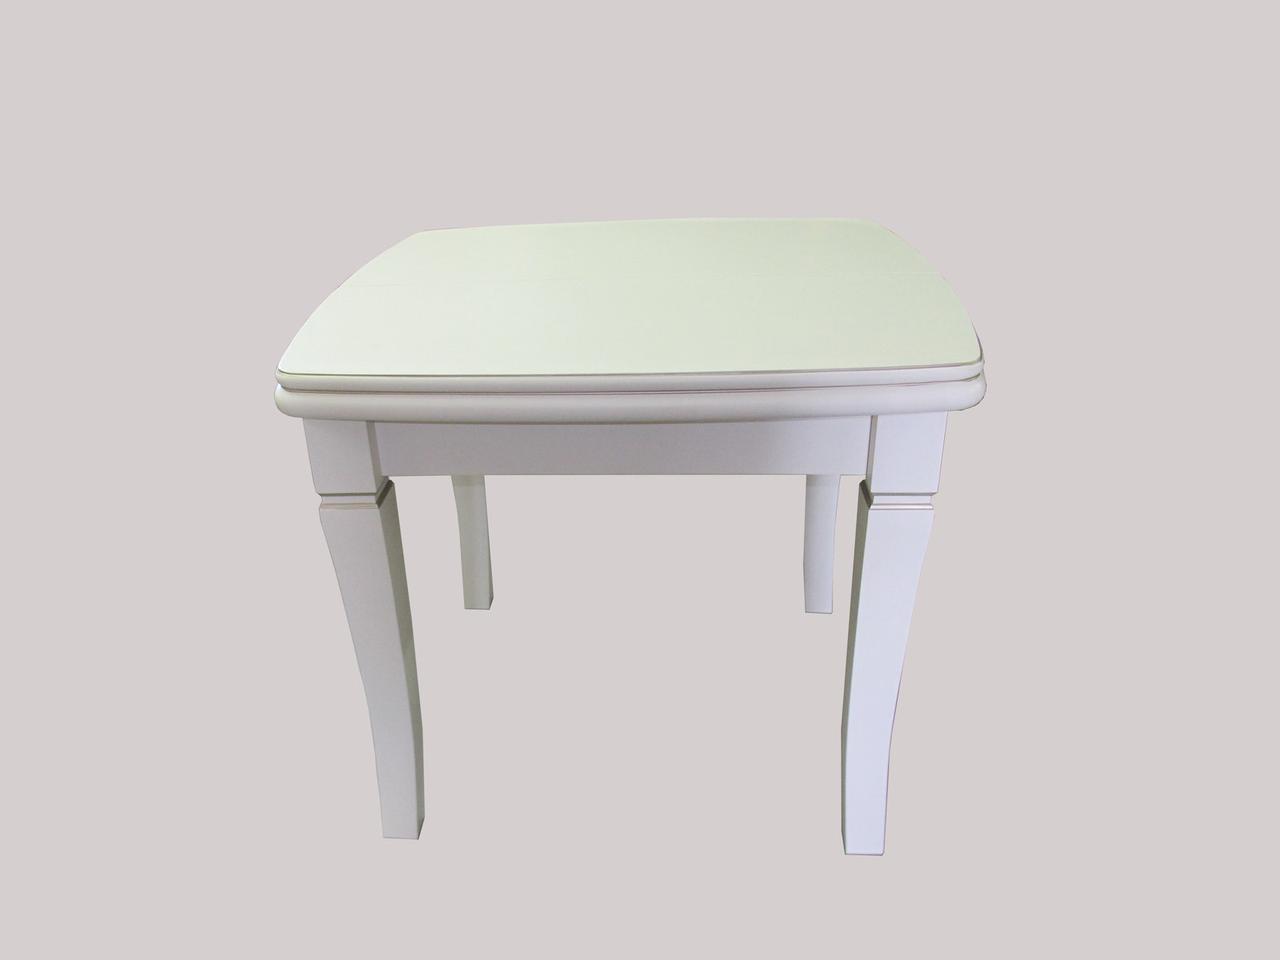 Стол Биформер Монте Карло Белый с патиной до 2,9 м кухонный обеденный прямоугольный раскладной